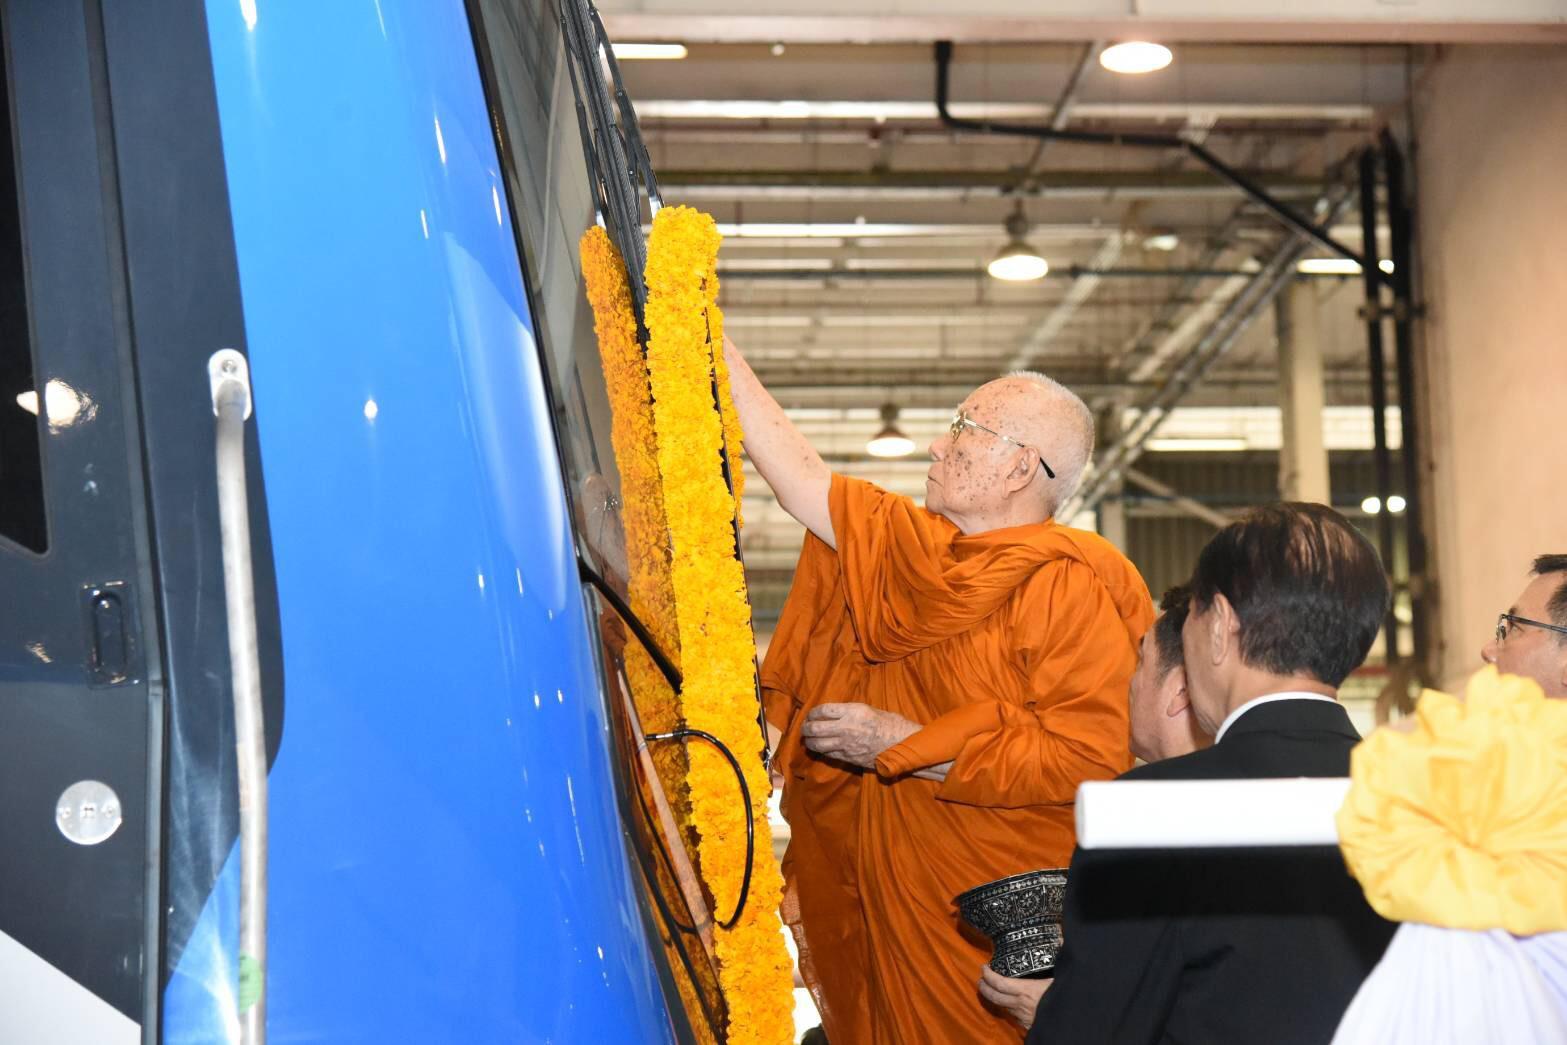 สมเด็จพระสังฆราช ทรงเจิมรถไฟฟ้าสายสีน้ำเงินขบวนใหม่